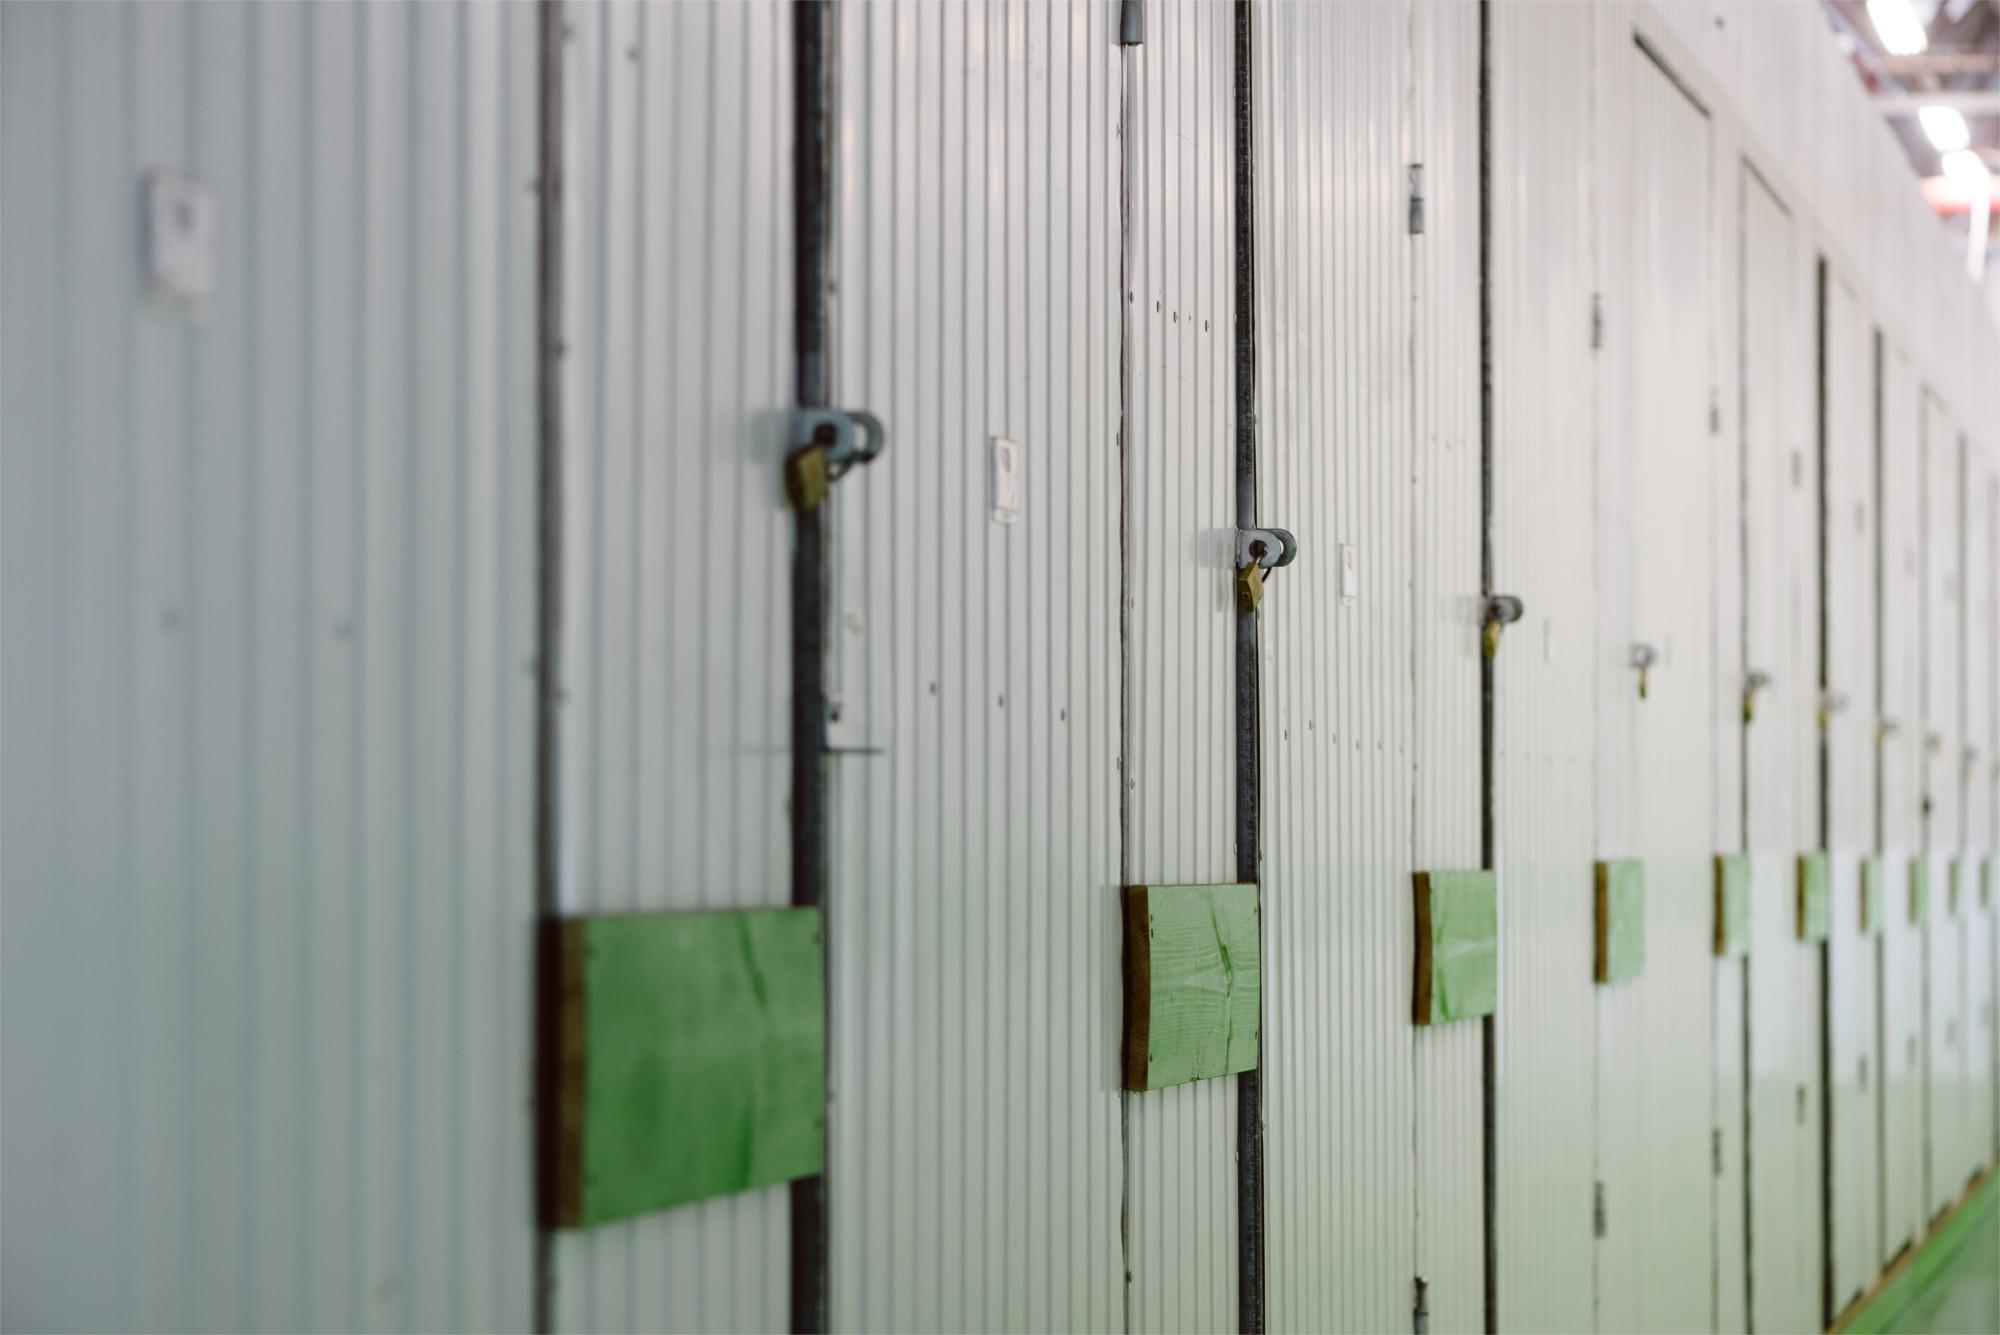 סניף ראשון לציון - יחידות אחסון | מחסנים להשכרה בראשון לציון